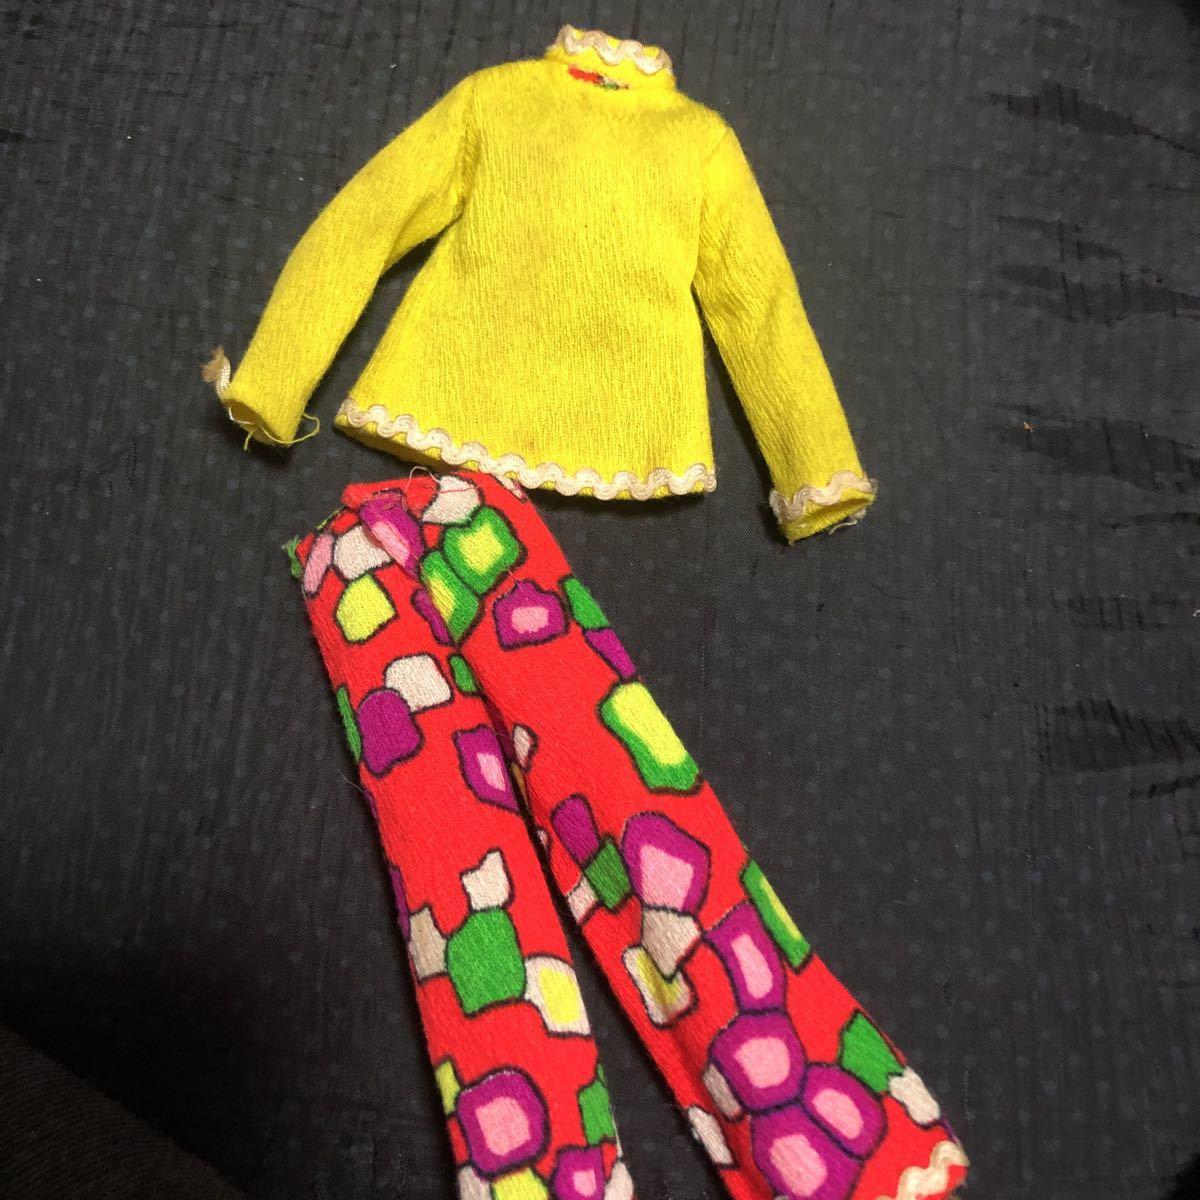 リカちゃんのお姉さん リエちゃんのお洋服? レディリカちゃん?